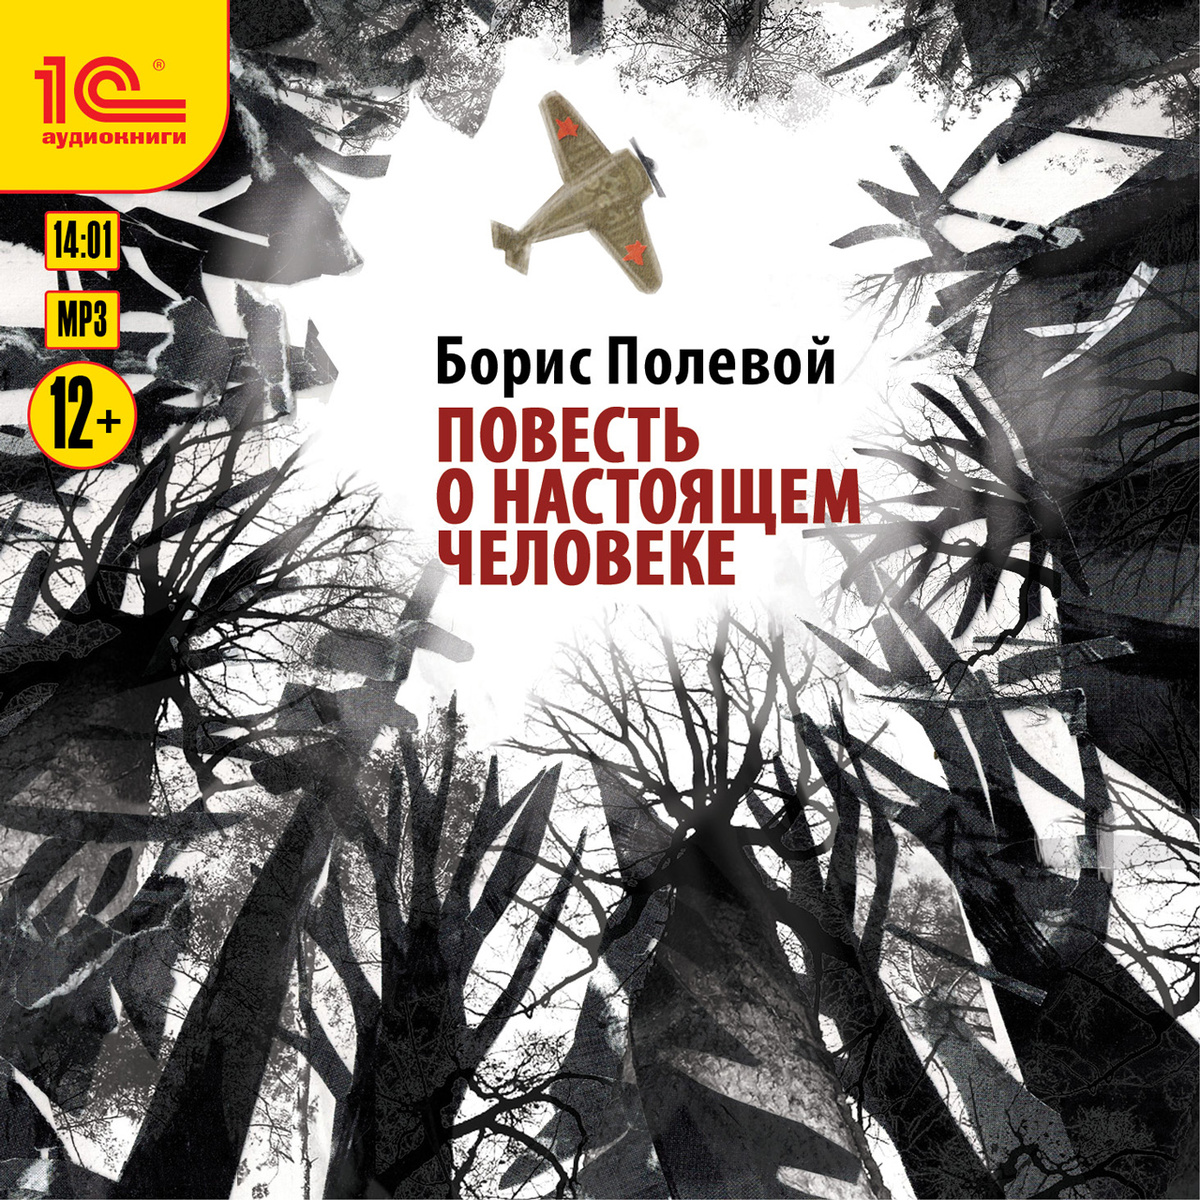 Повесть о настоящем человеке (аудиокнига MP3)   Полевой Борис Николаевич  #1